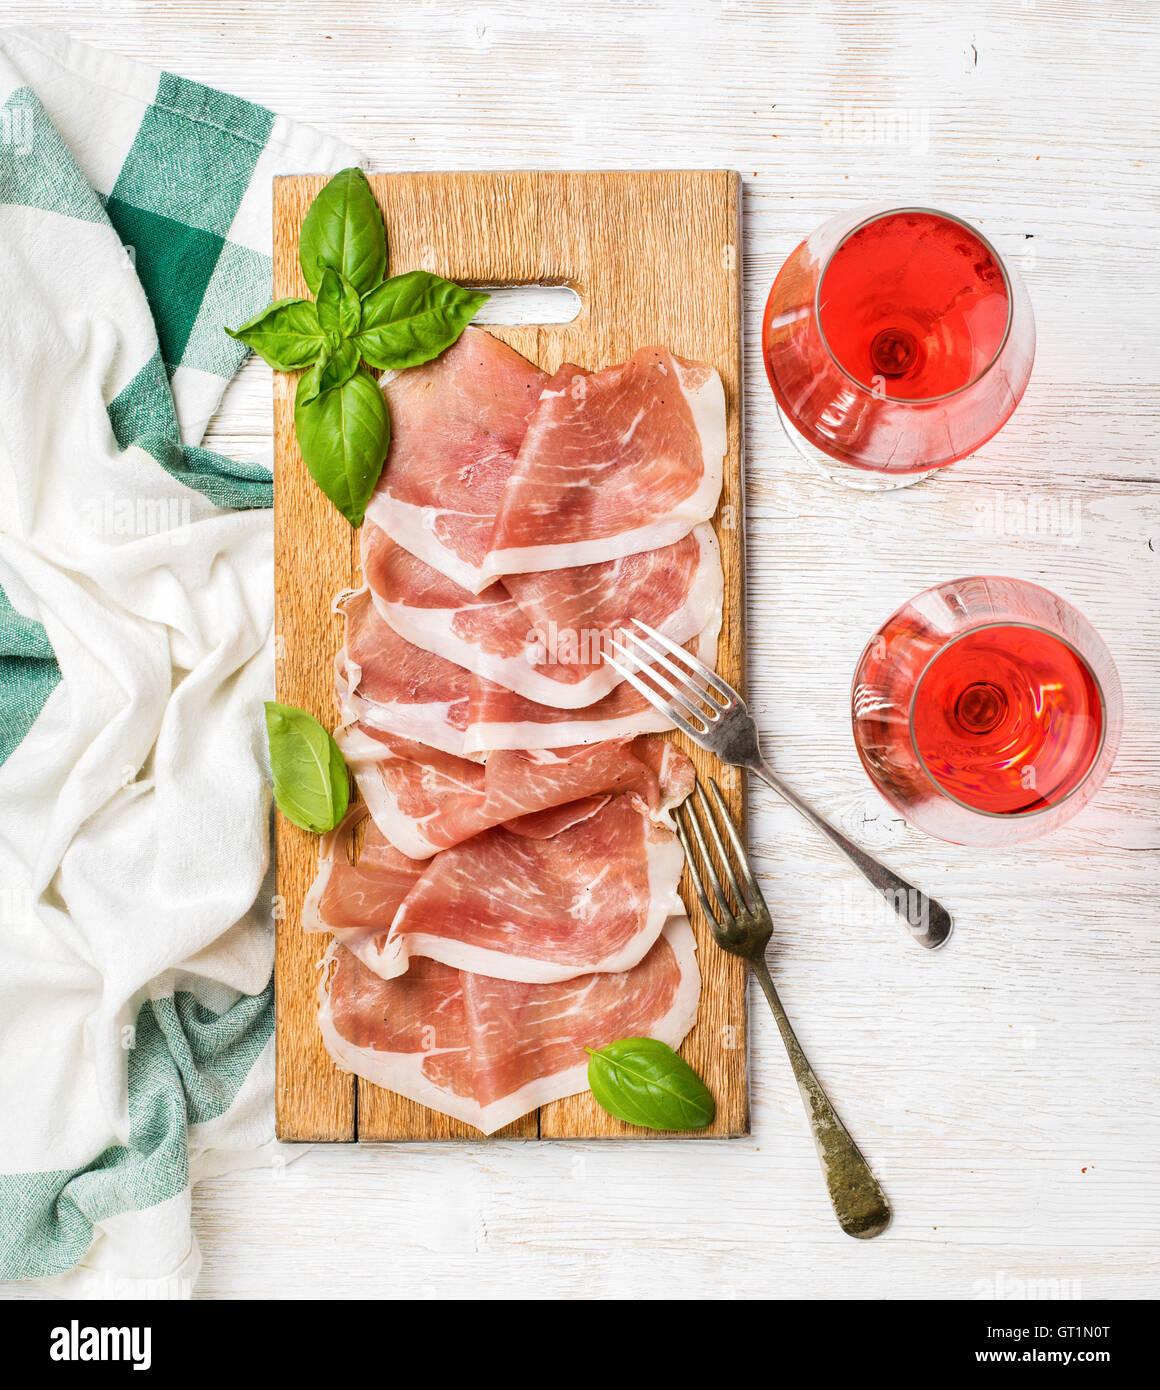 Tranches de jambon prosciutto di Parma et verres à vin rose Photo Stock